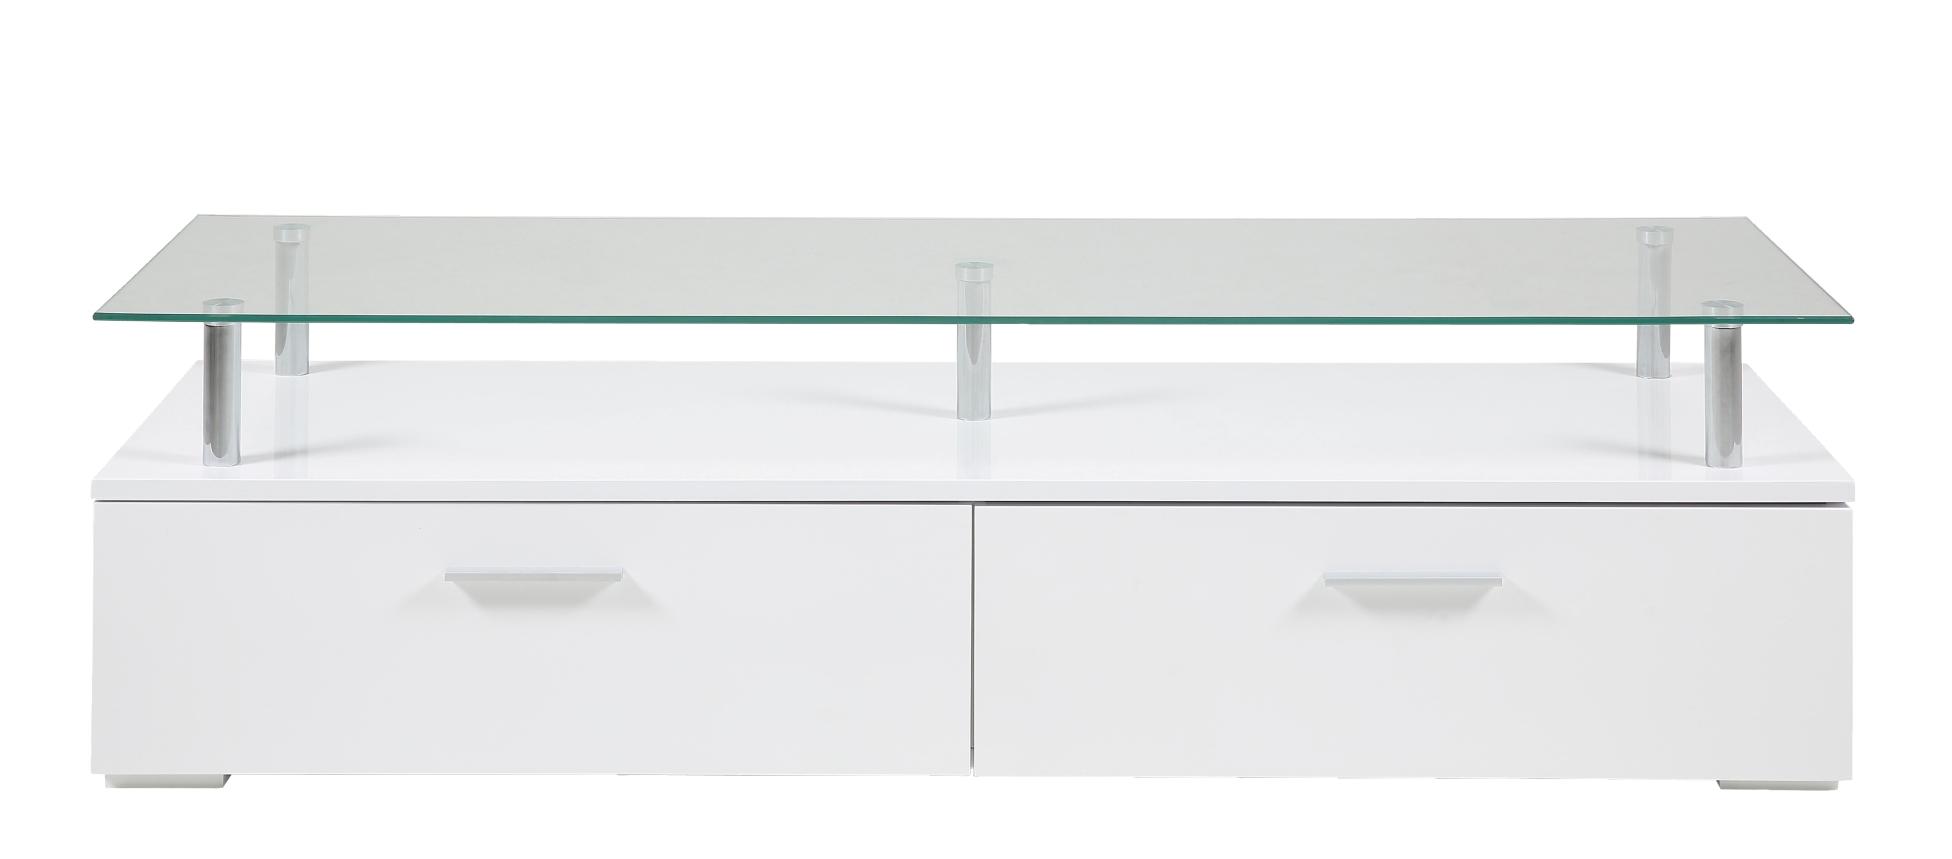 #4B807422259380 Tv Meubel Glas In Meubel Kopen Voor De Beste Prijs Met Koopkeus Be  betrouwbaar Design Glazen Tv Meubels 1147 afbeelding opslaan 19528591147 Idee